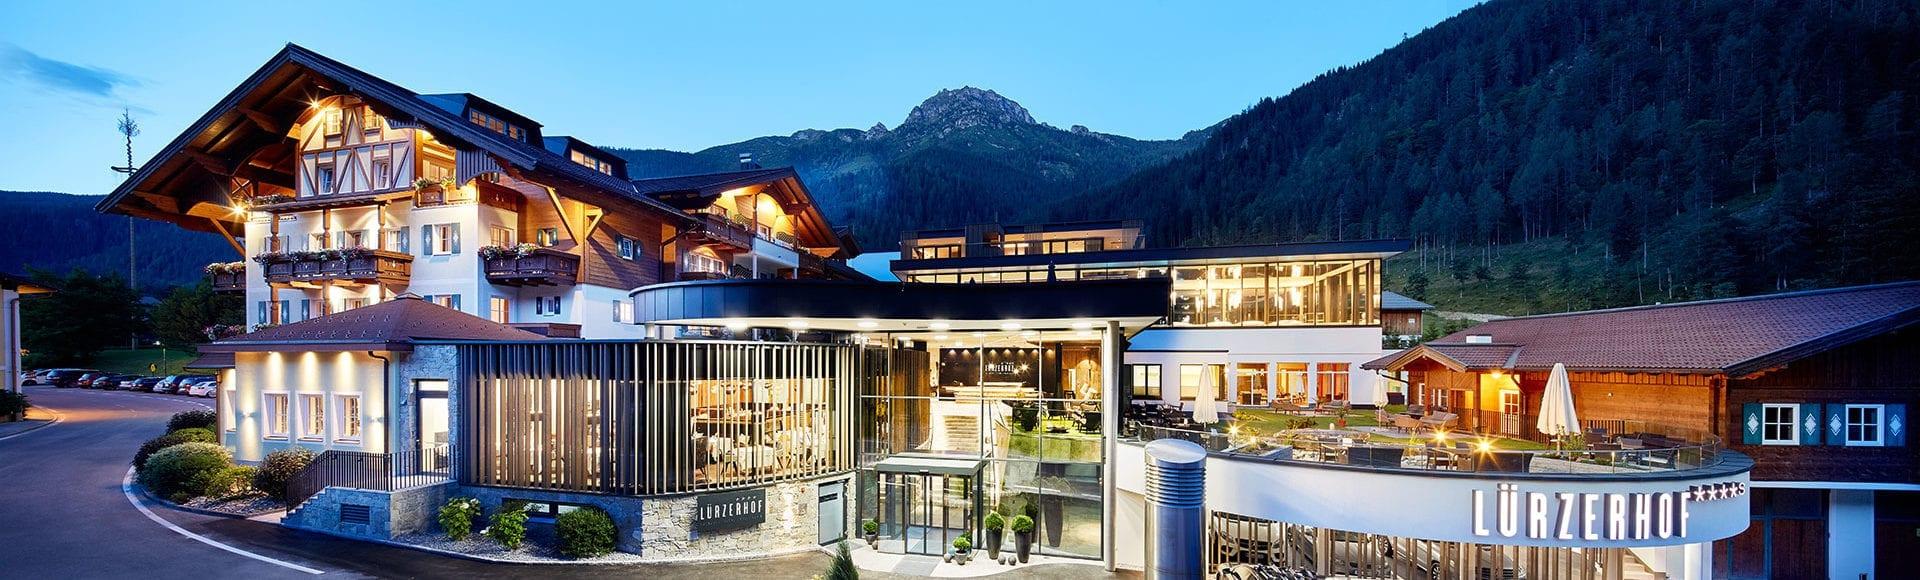 Obertauern Anreise-Information, Lürzerhof Alpin Life Resort